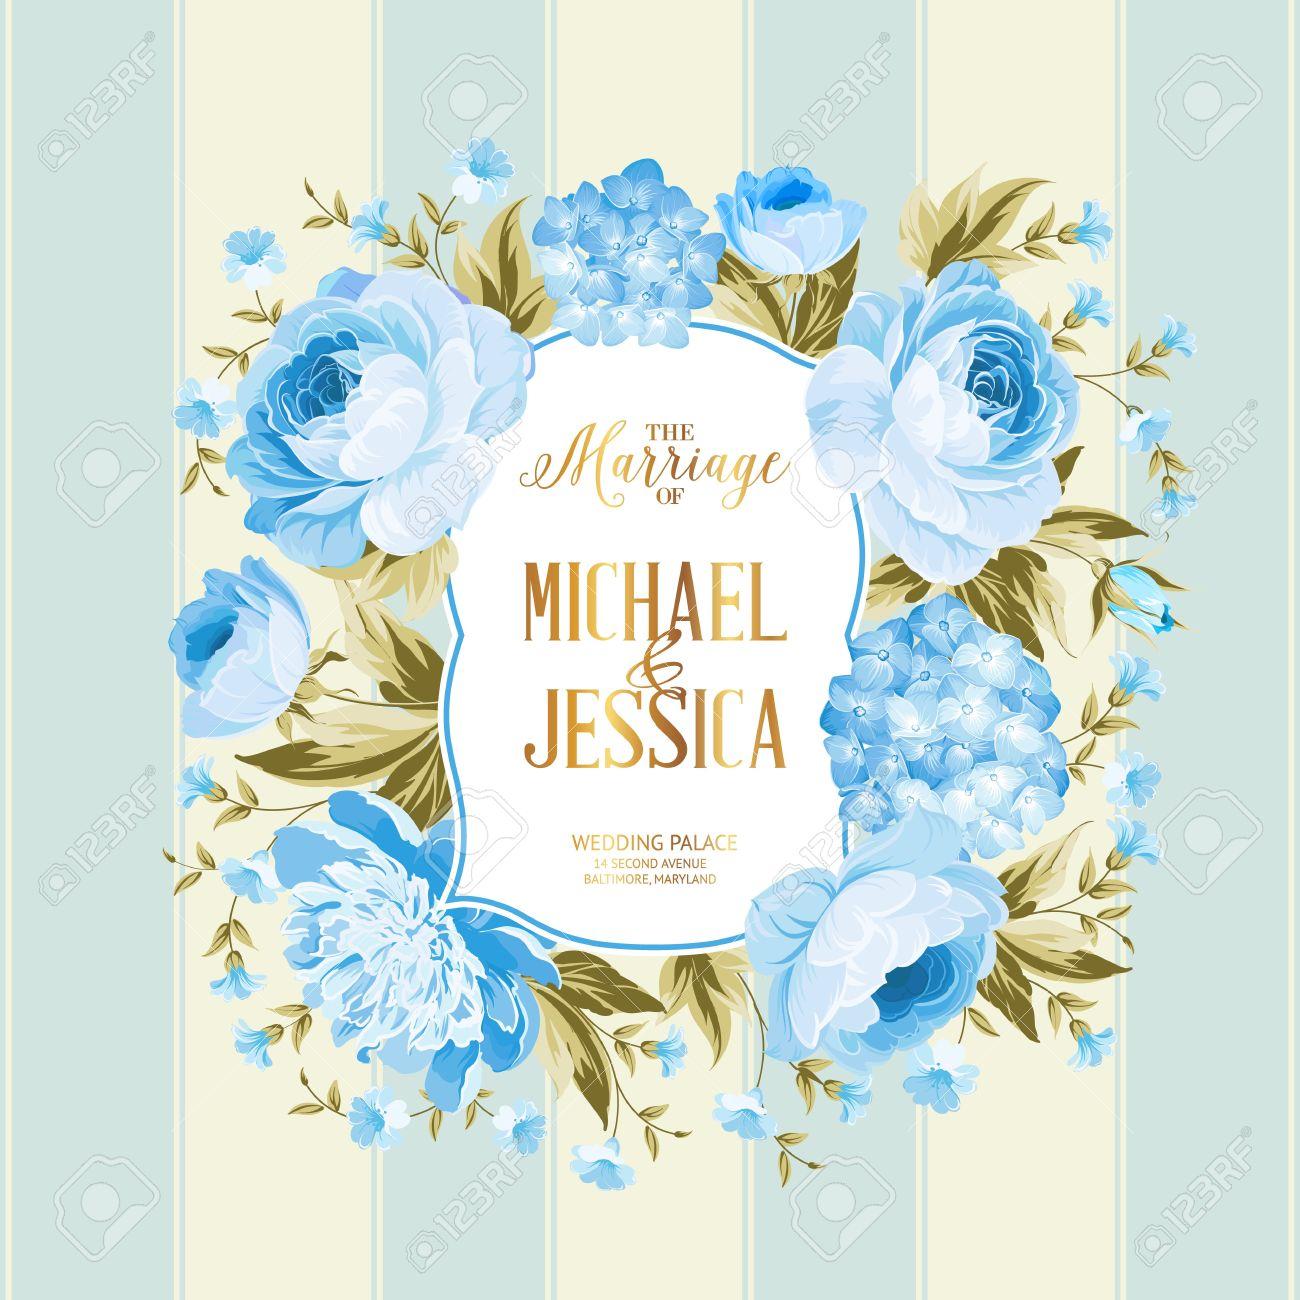 La Carte De Mariage Mariage Modele De Carte D Invitation Border De Fleurs Bleues Dans Le Style Vintage Mariage Carte D Invitation Avec Le Signe